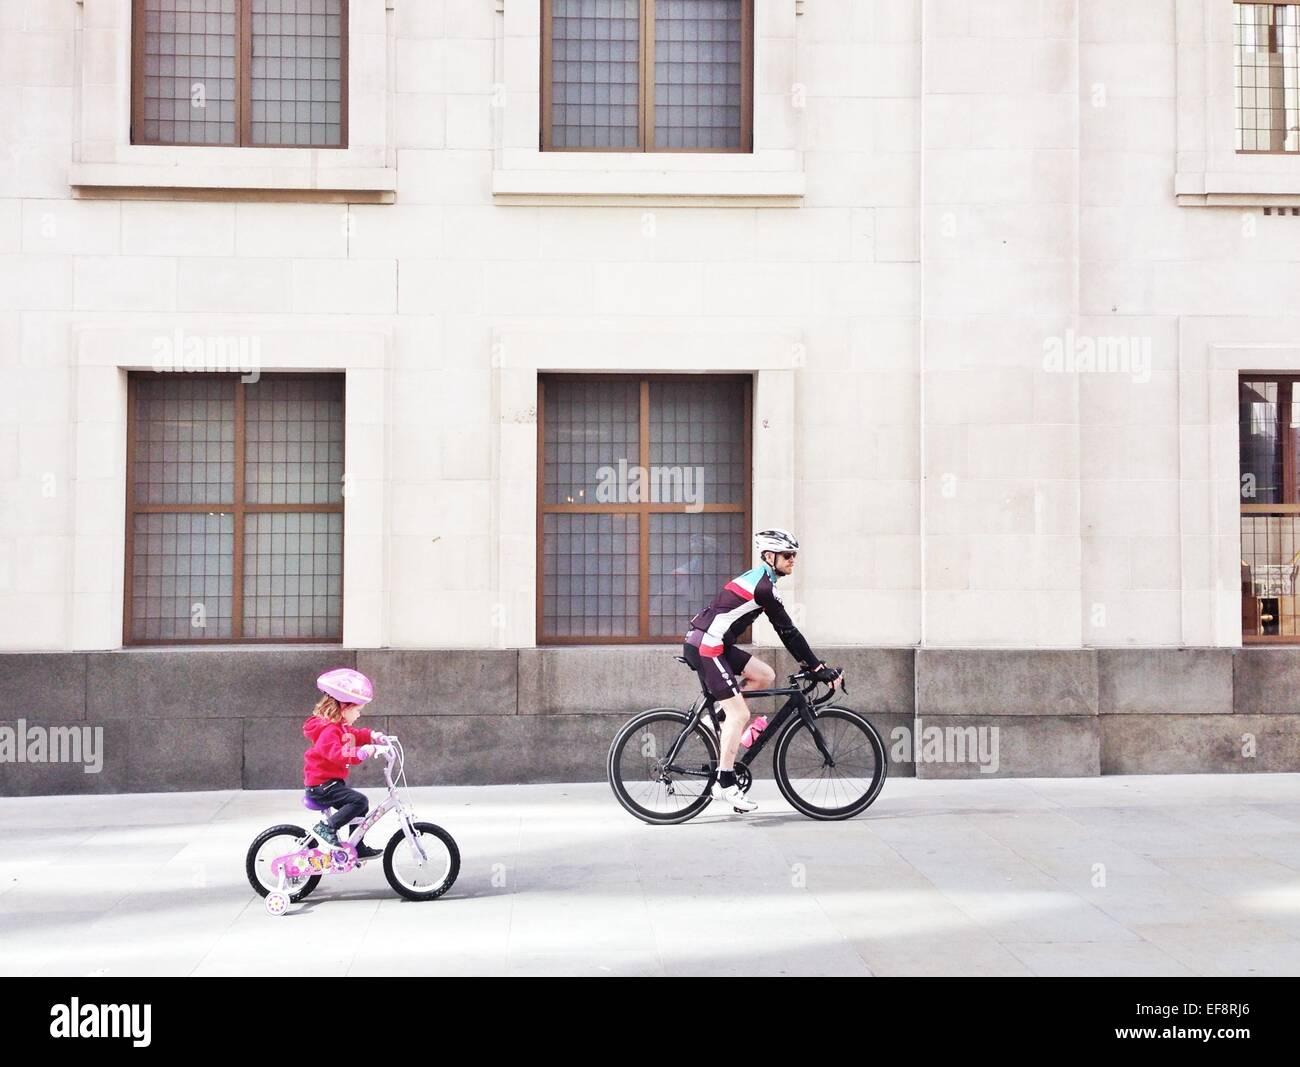 Royaume-uni, Angleterre, Londres, père et fille vélo passé building Photo Stock